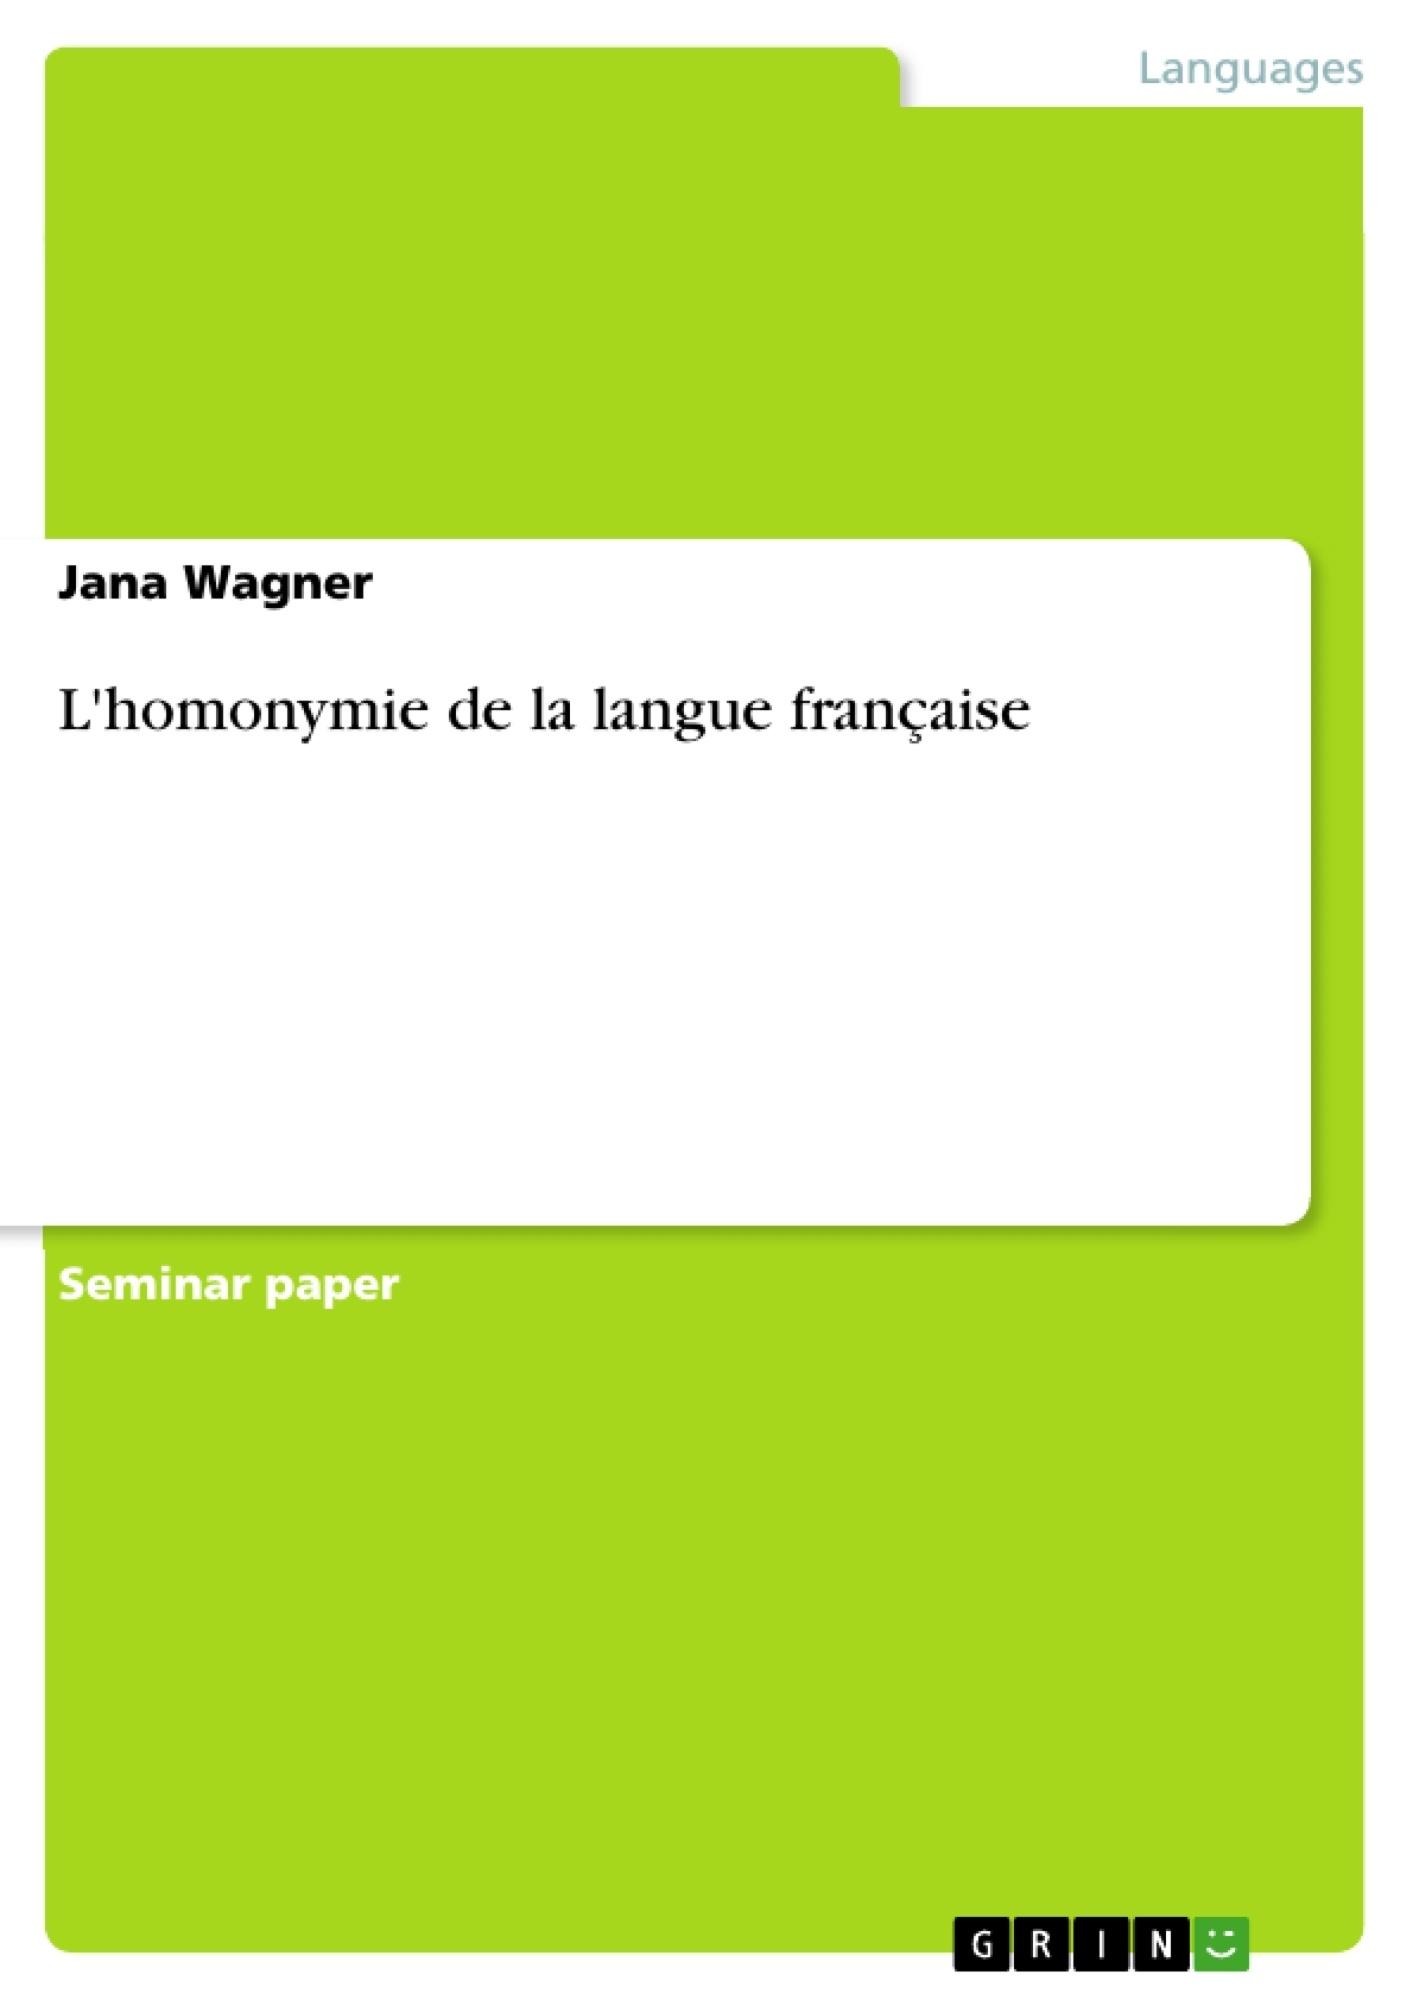 Titre: L'homonymie de la langue française